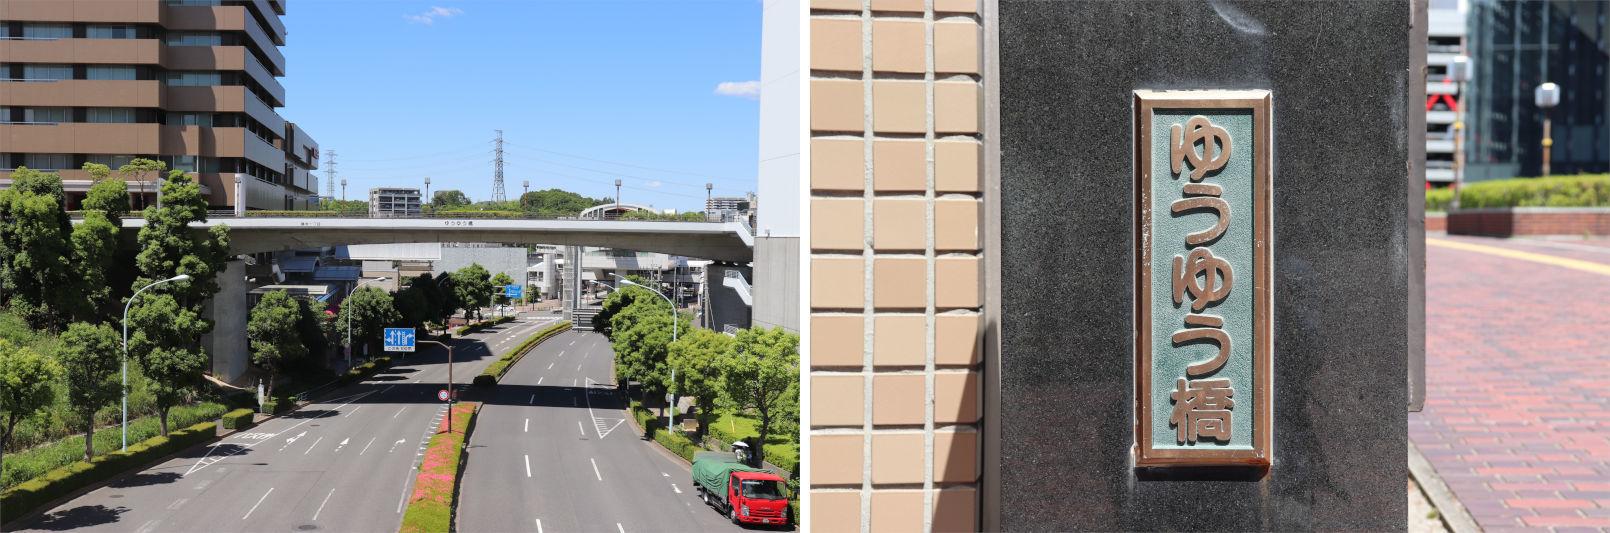 [多摩NTの橋ぜんぶ撮影PJ] No.101~105 多摩センター駅西側の橋_a0332275_23092259.jpg